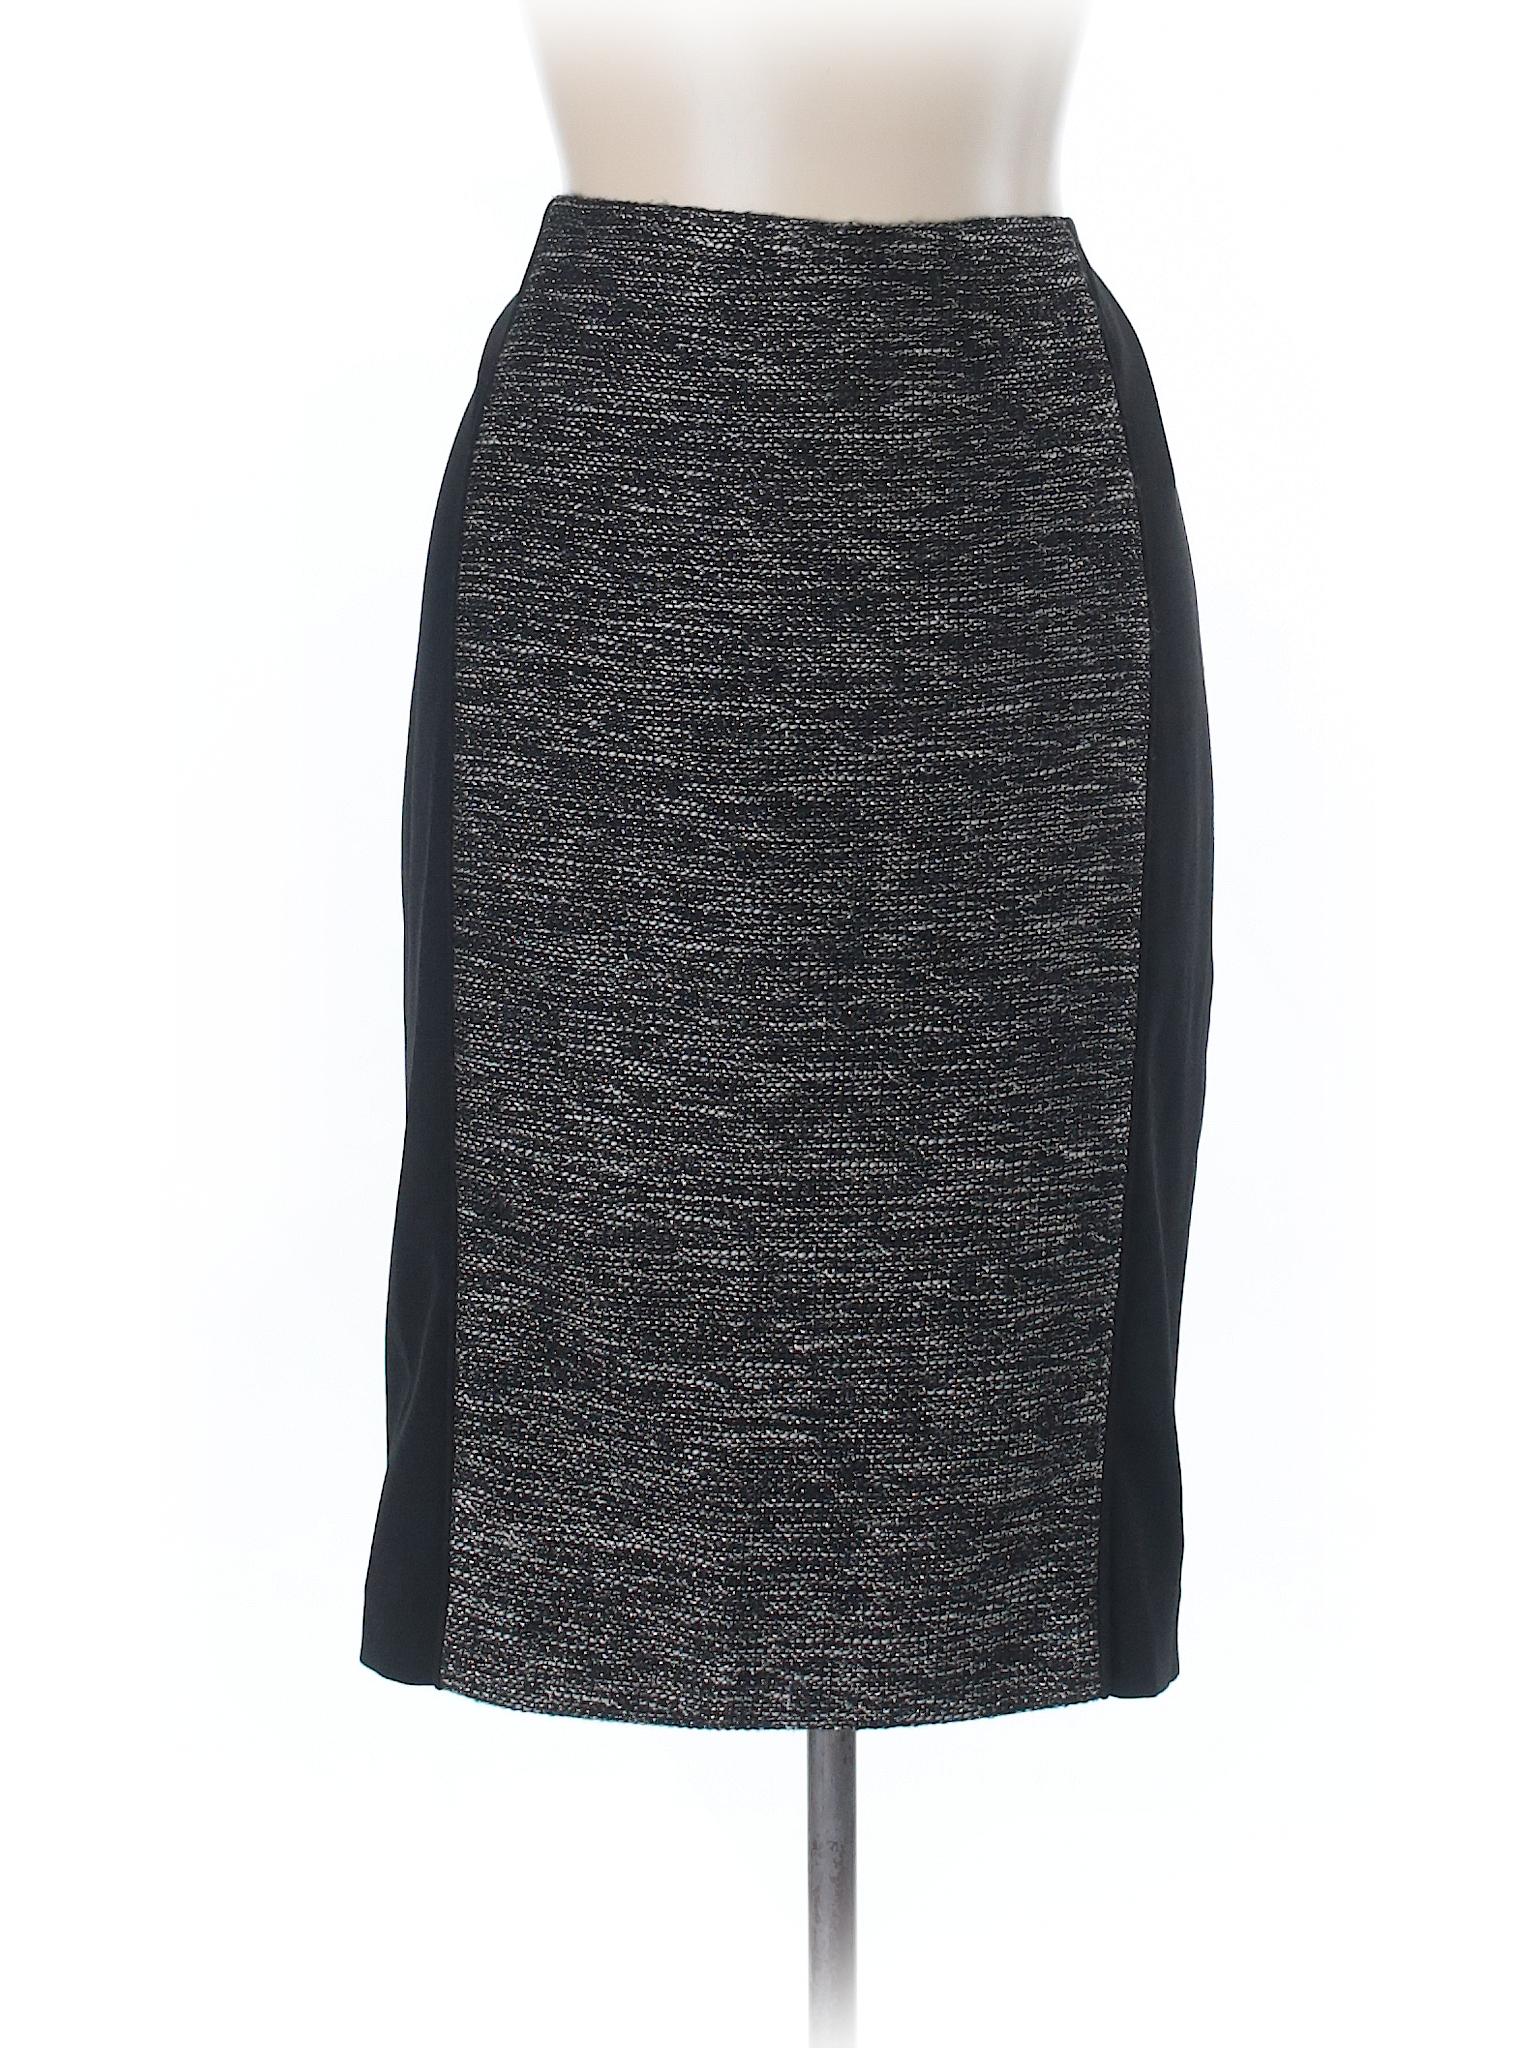 Casual Boutique Casual Boutique Boutique Casual Skirt Skirt 84Hw1